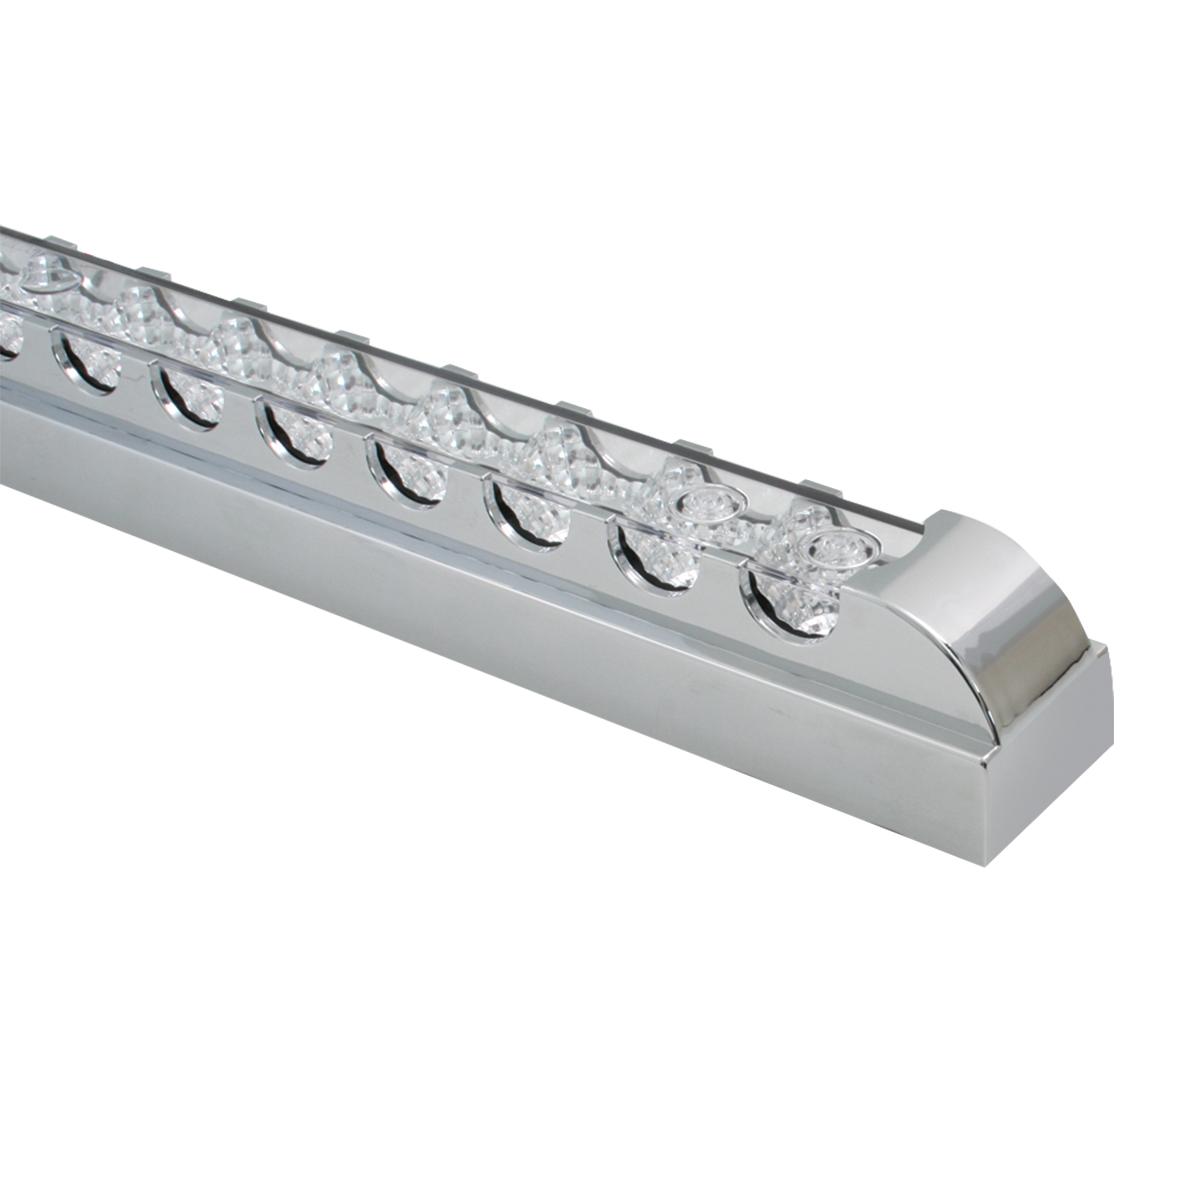 """20"""" Spyder LED Light Bar in Clear Lens w/ Chrome Plastic Bezel"""